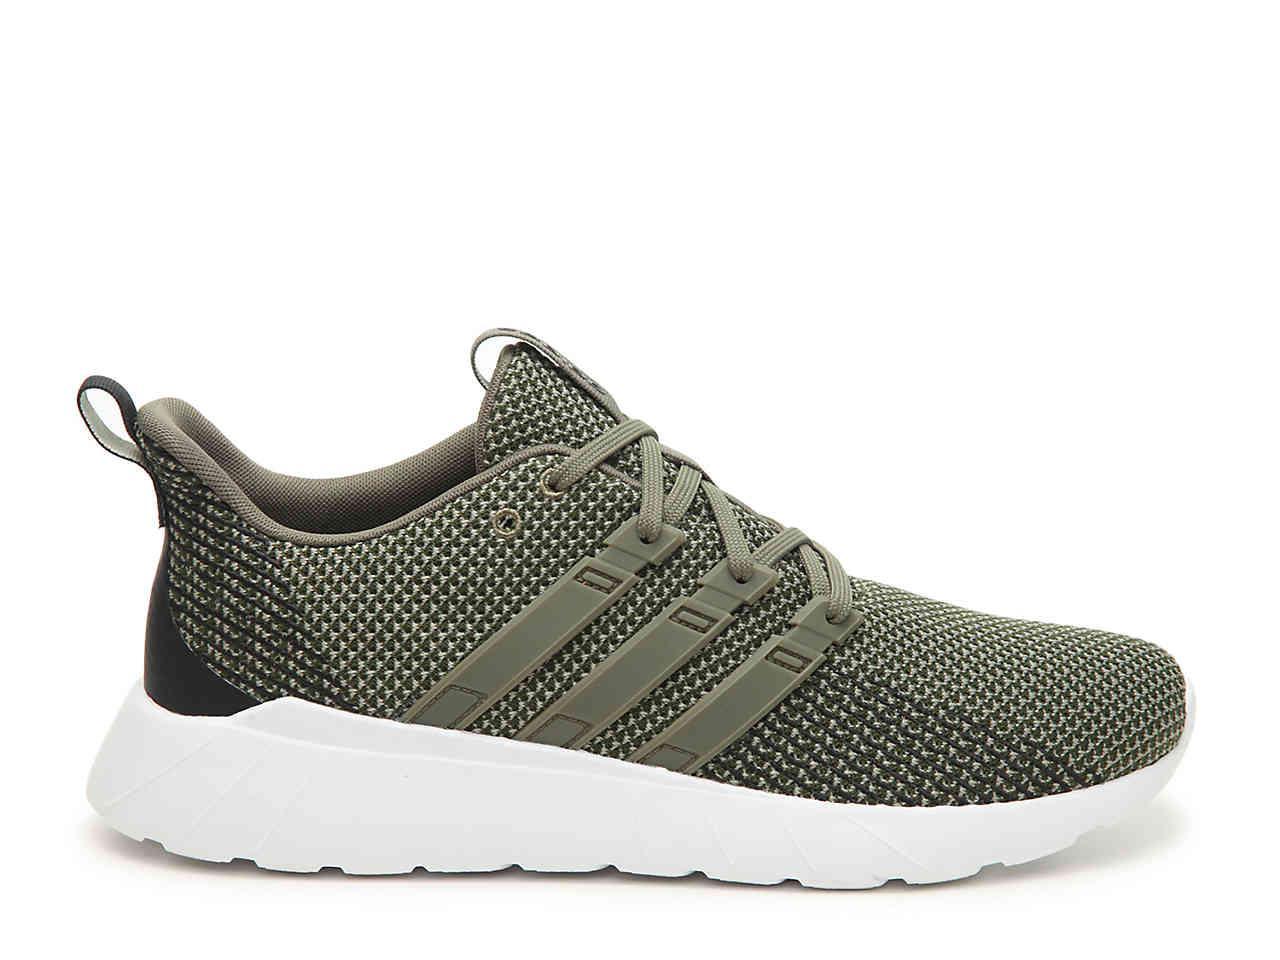 Questar Flow Sneaker in Olive Green